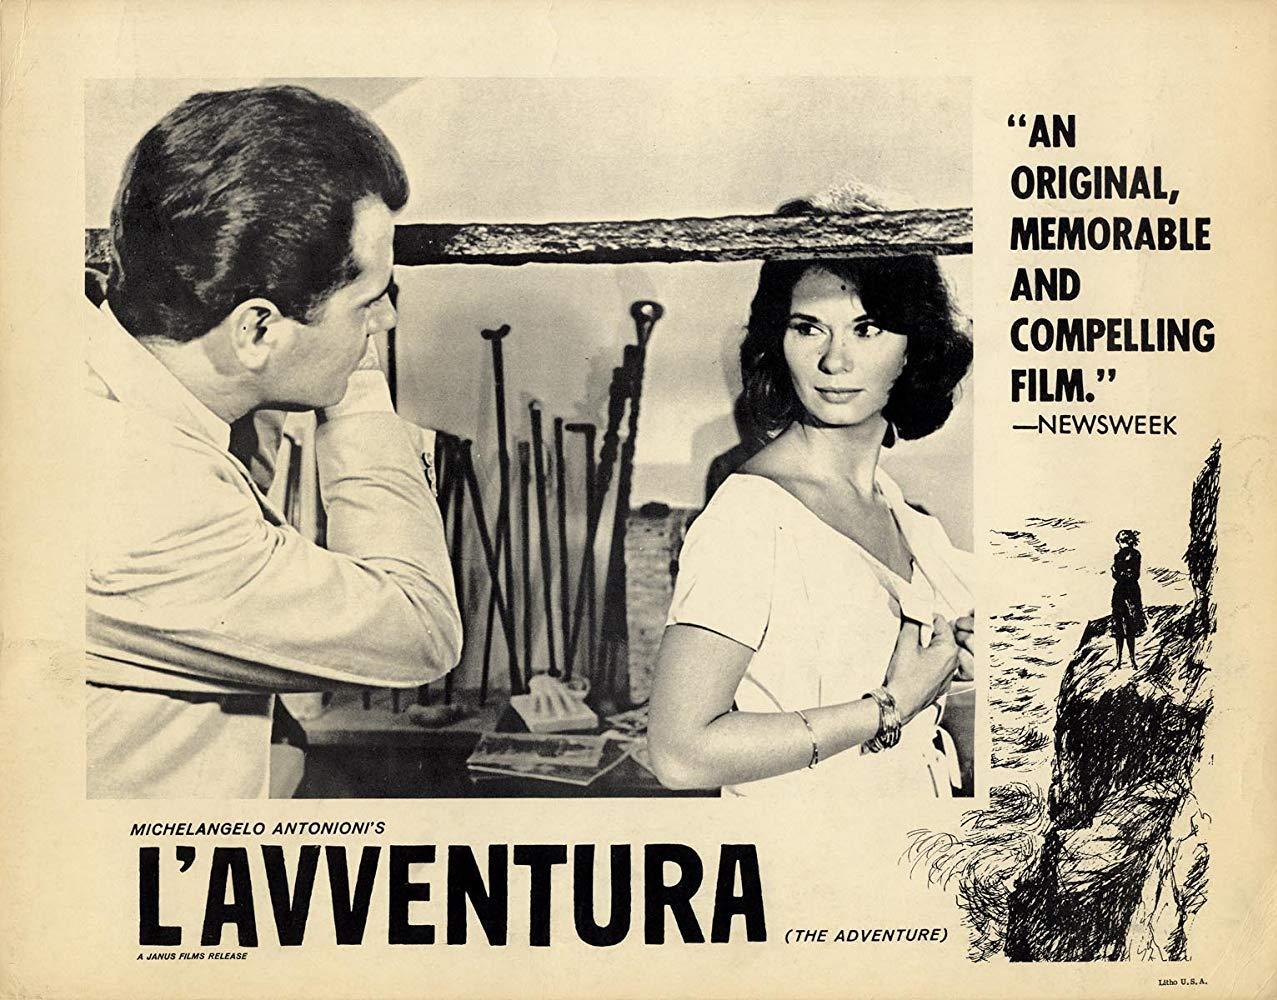 مشاهدة فيلم L'Avventura 1960 HD مترجم كامل اون لاين (للكبار فقط)